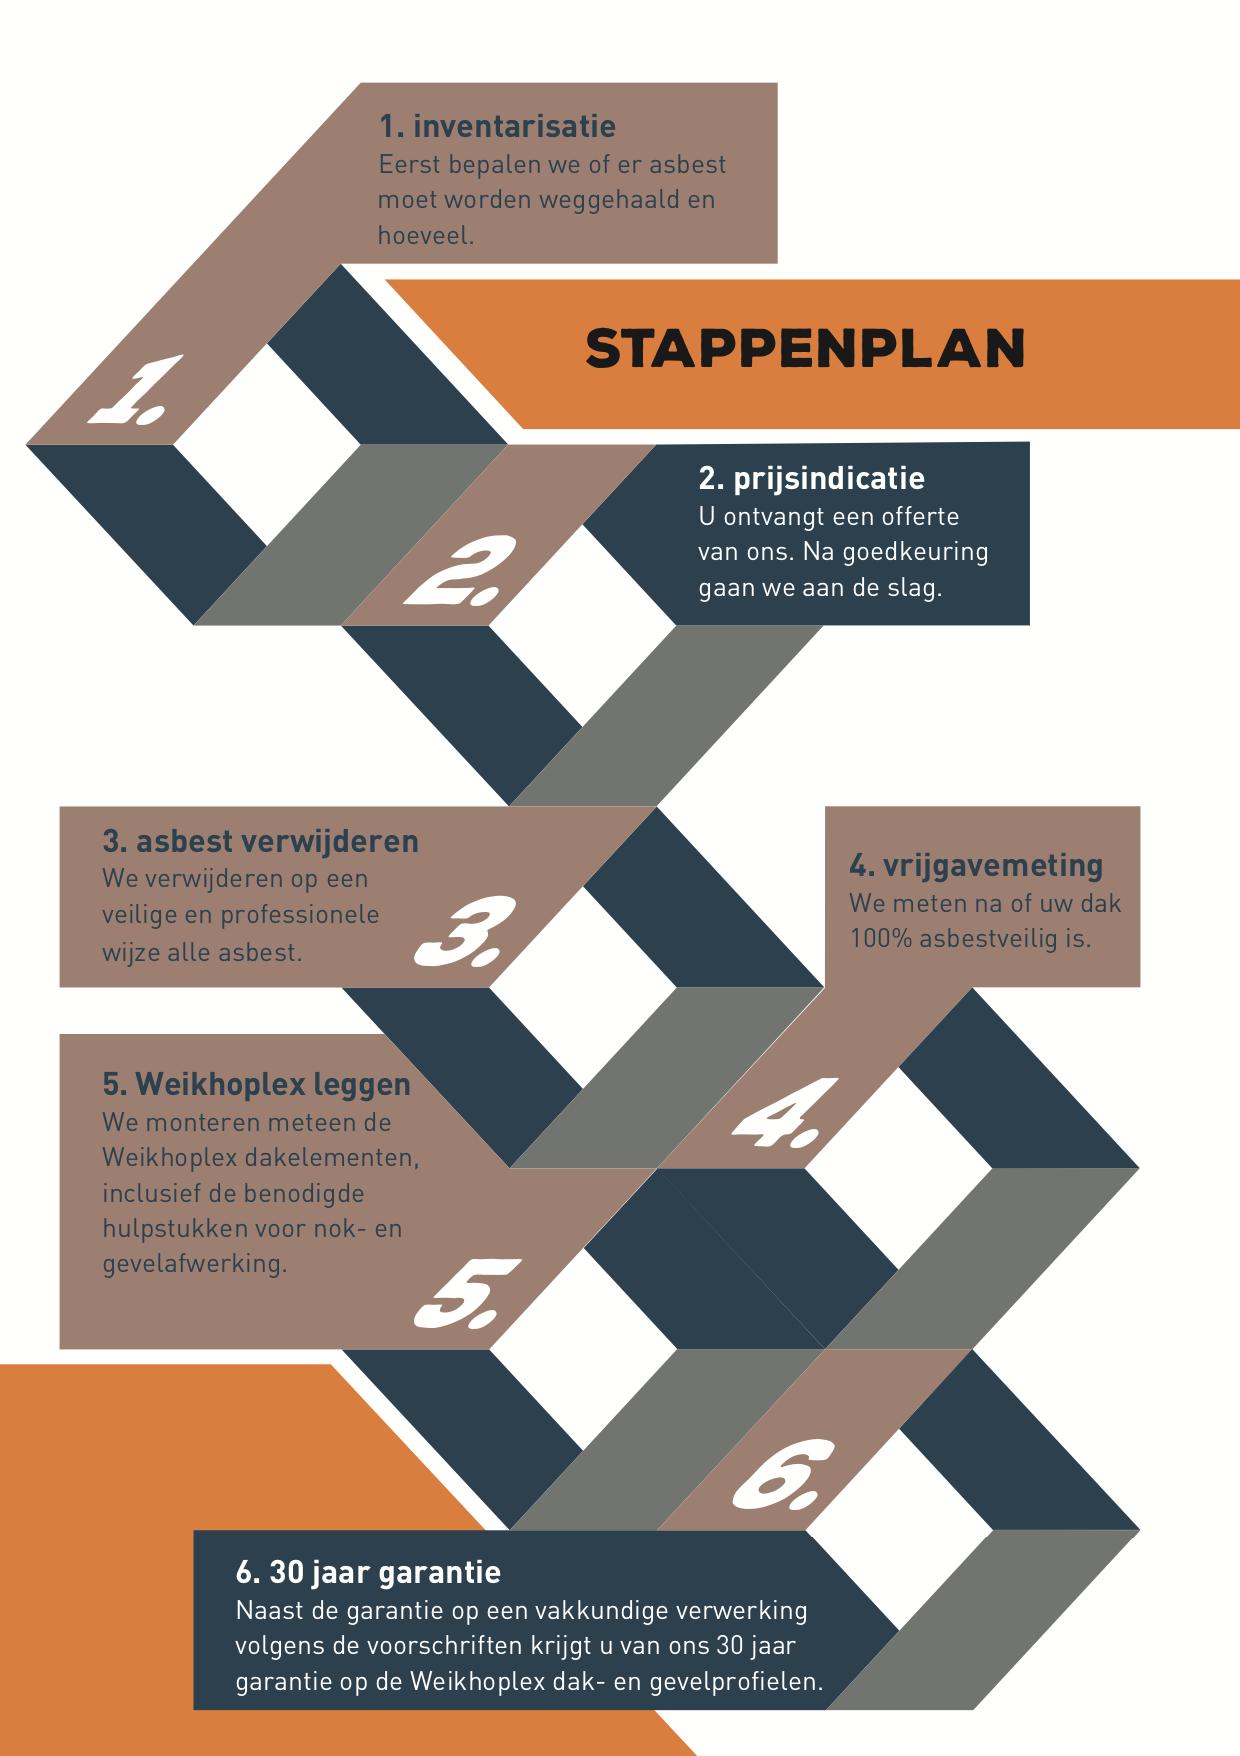 stappenplan de panklare oplossing